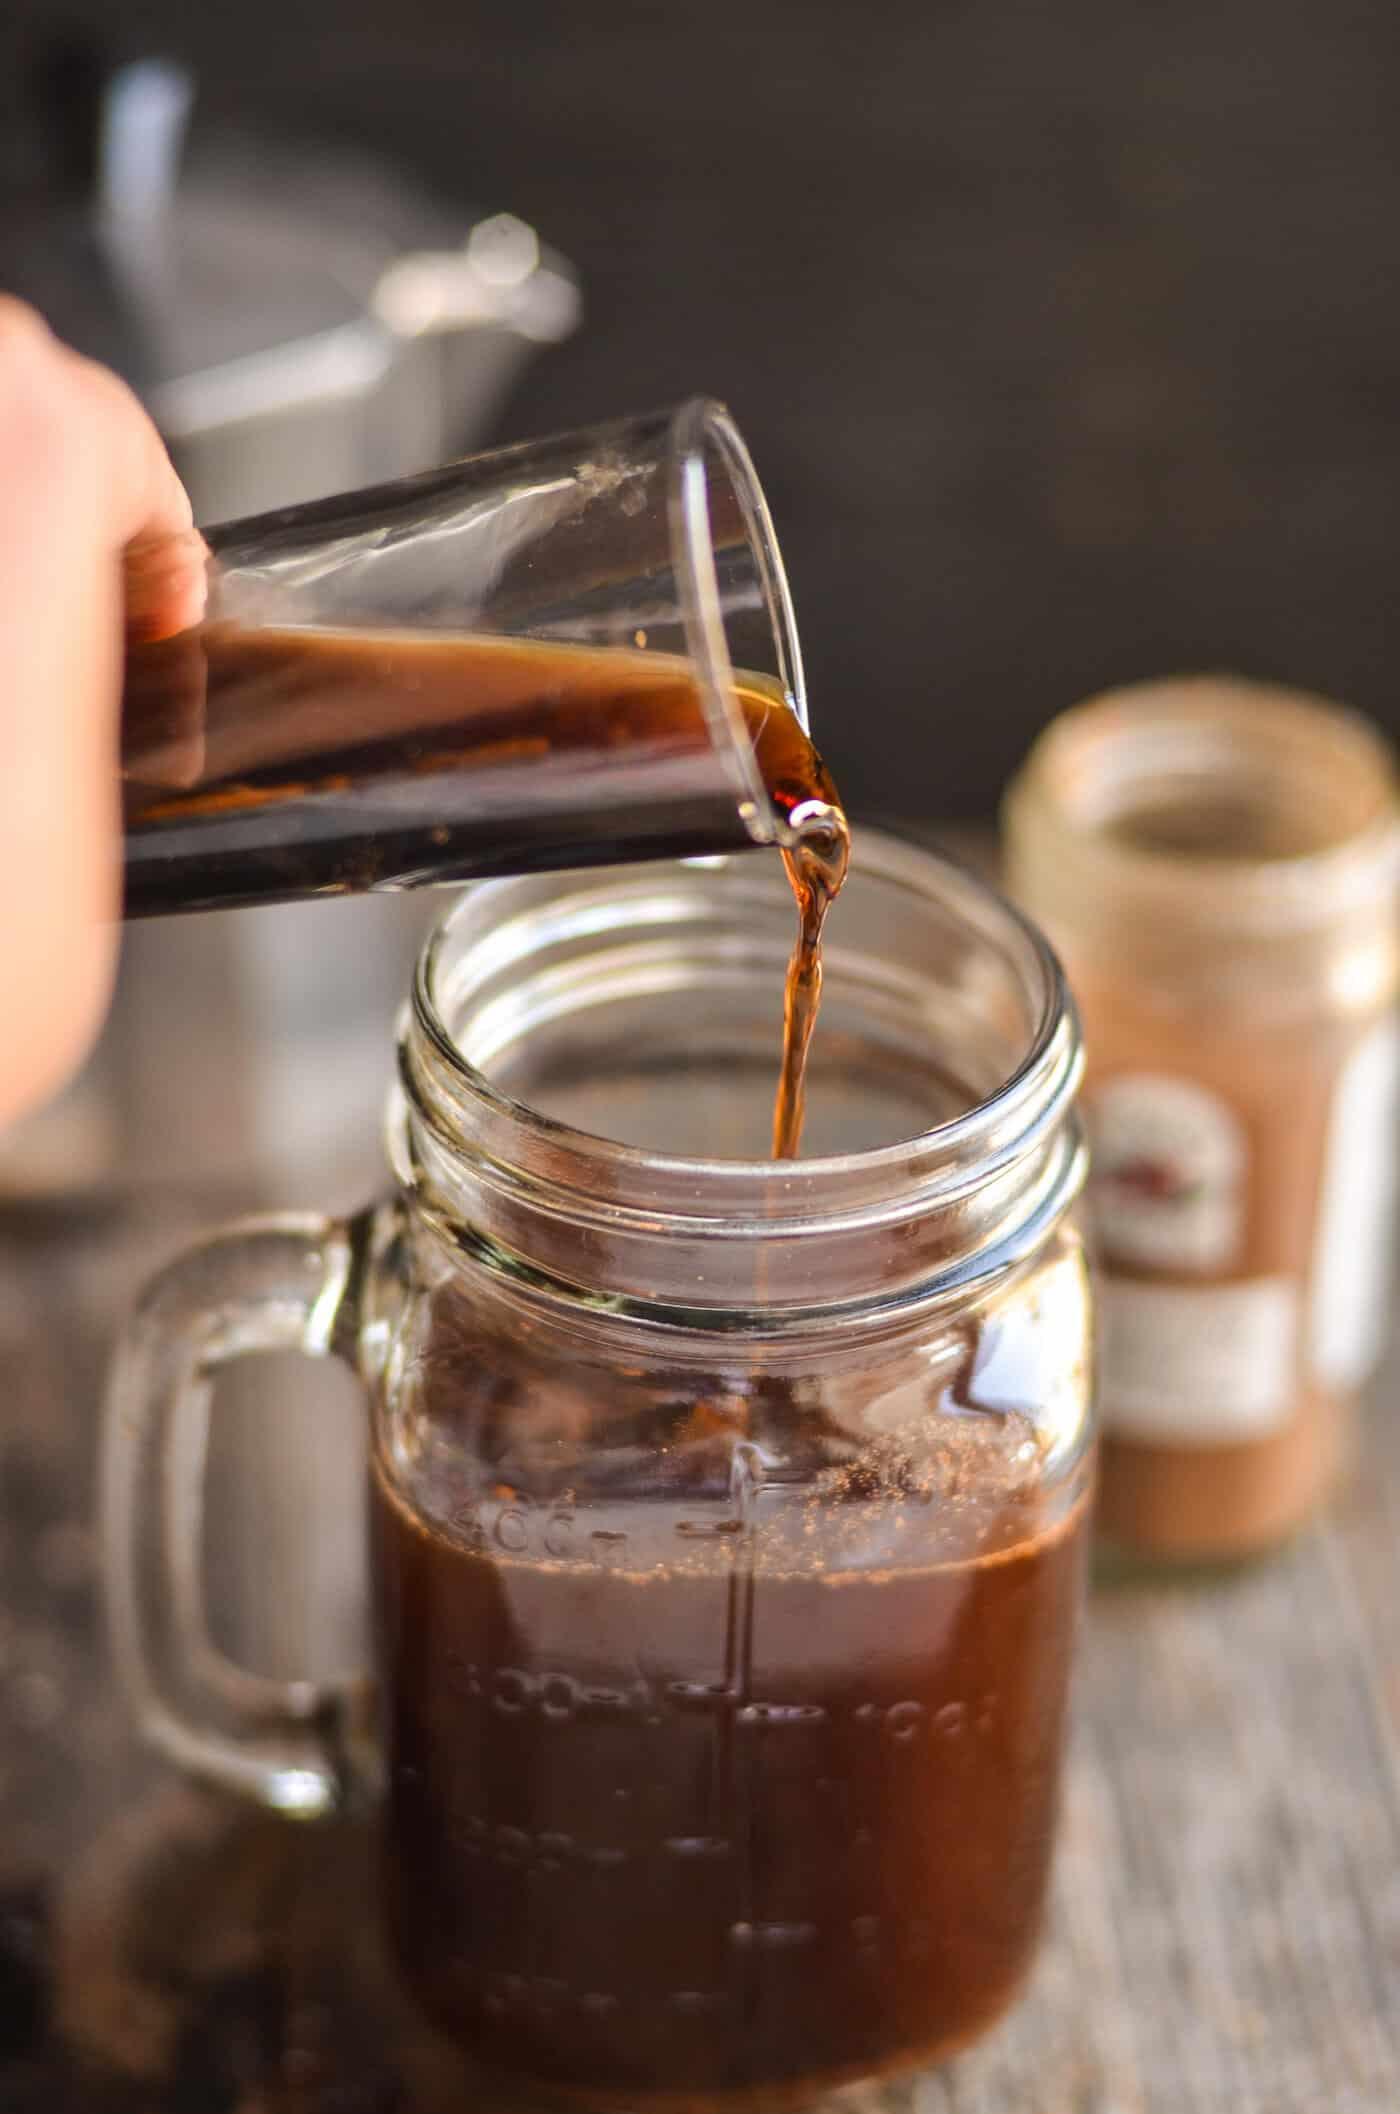 Pouring Kahlua into a mason jar glass mug